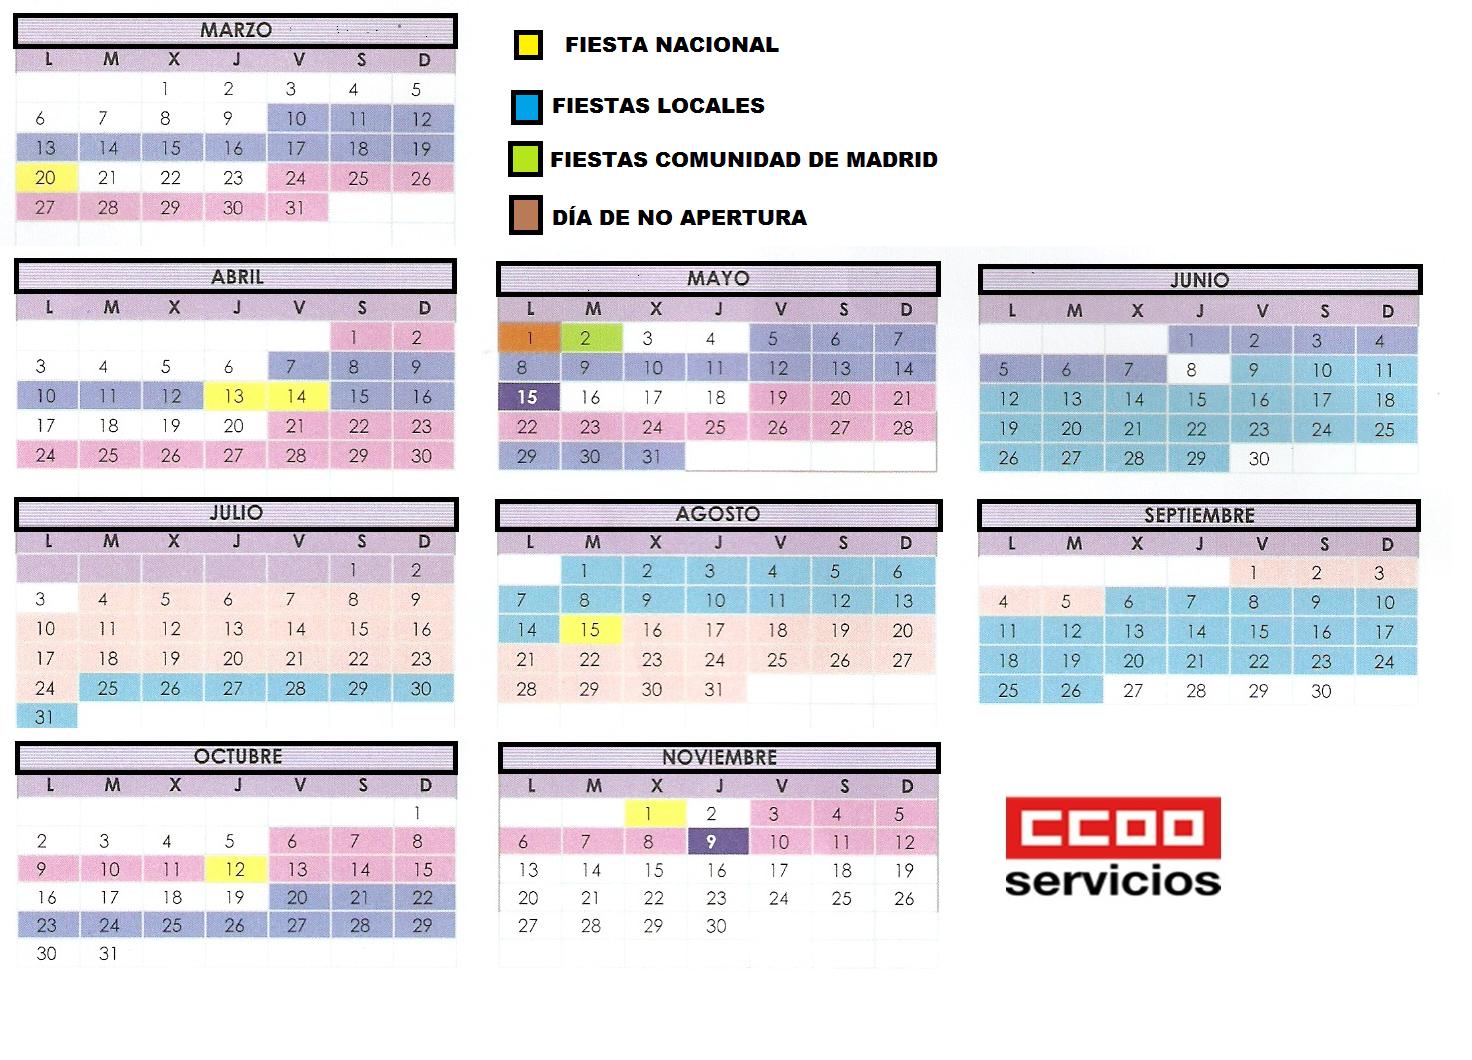 El peri dico de ccoo servicios en el corte ingl s de goya - Blancolor el corte ingles 2017 ...